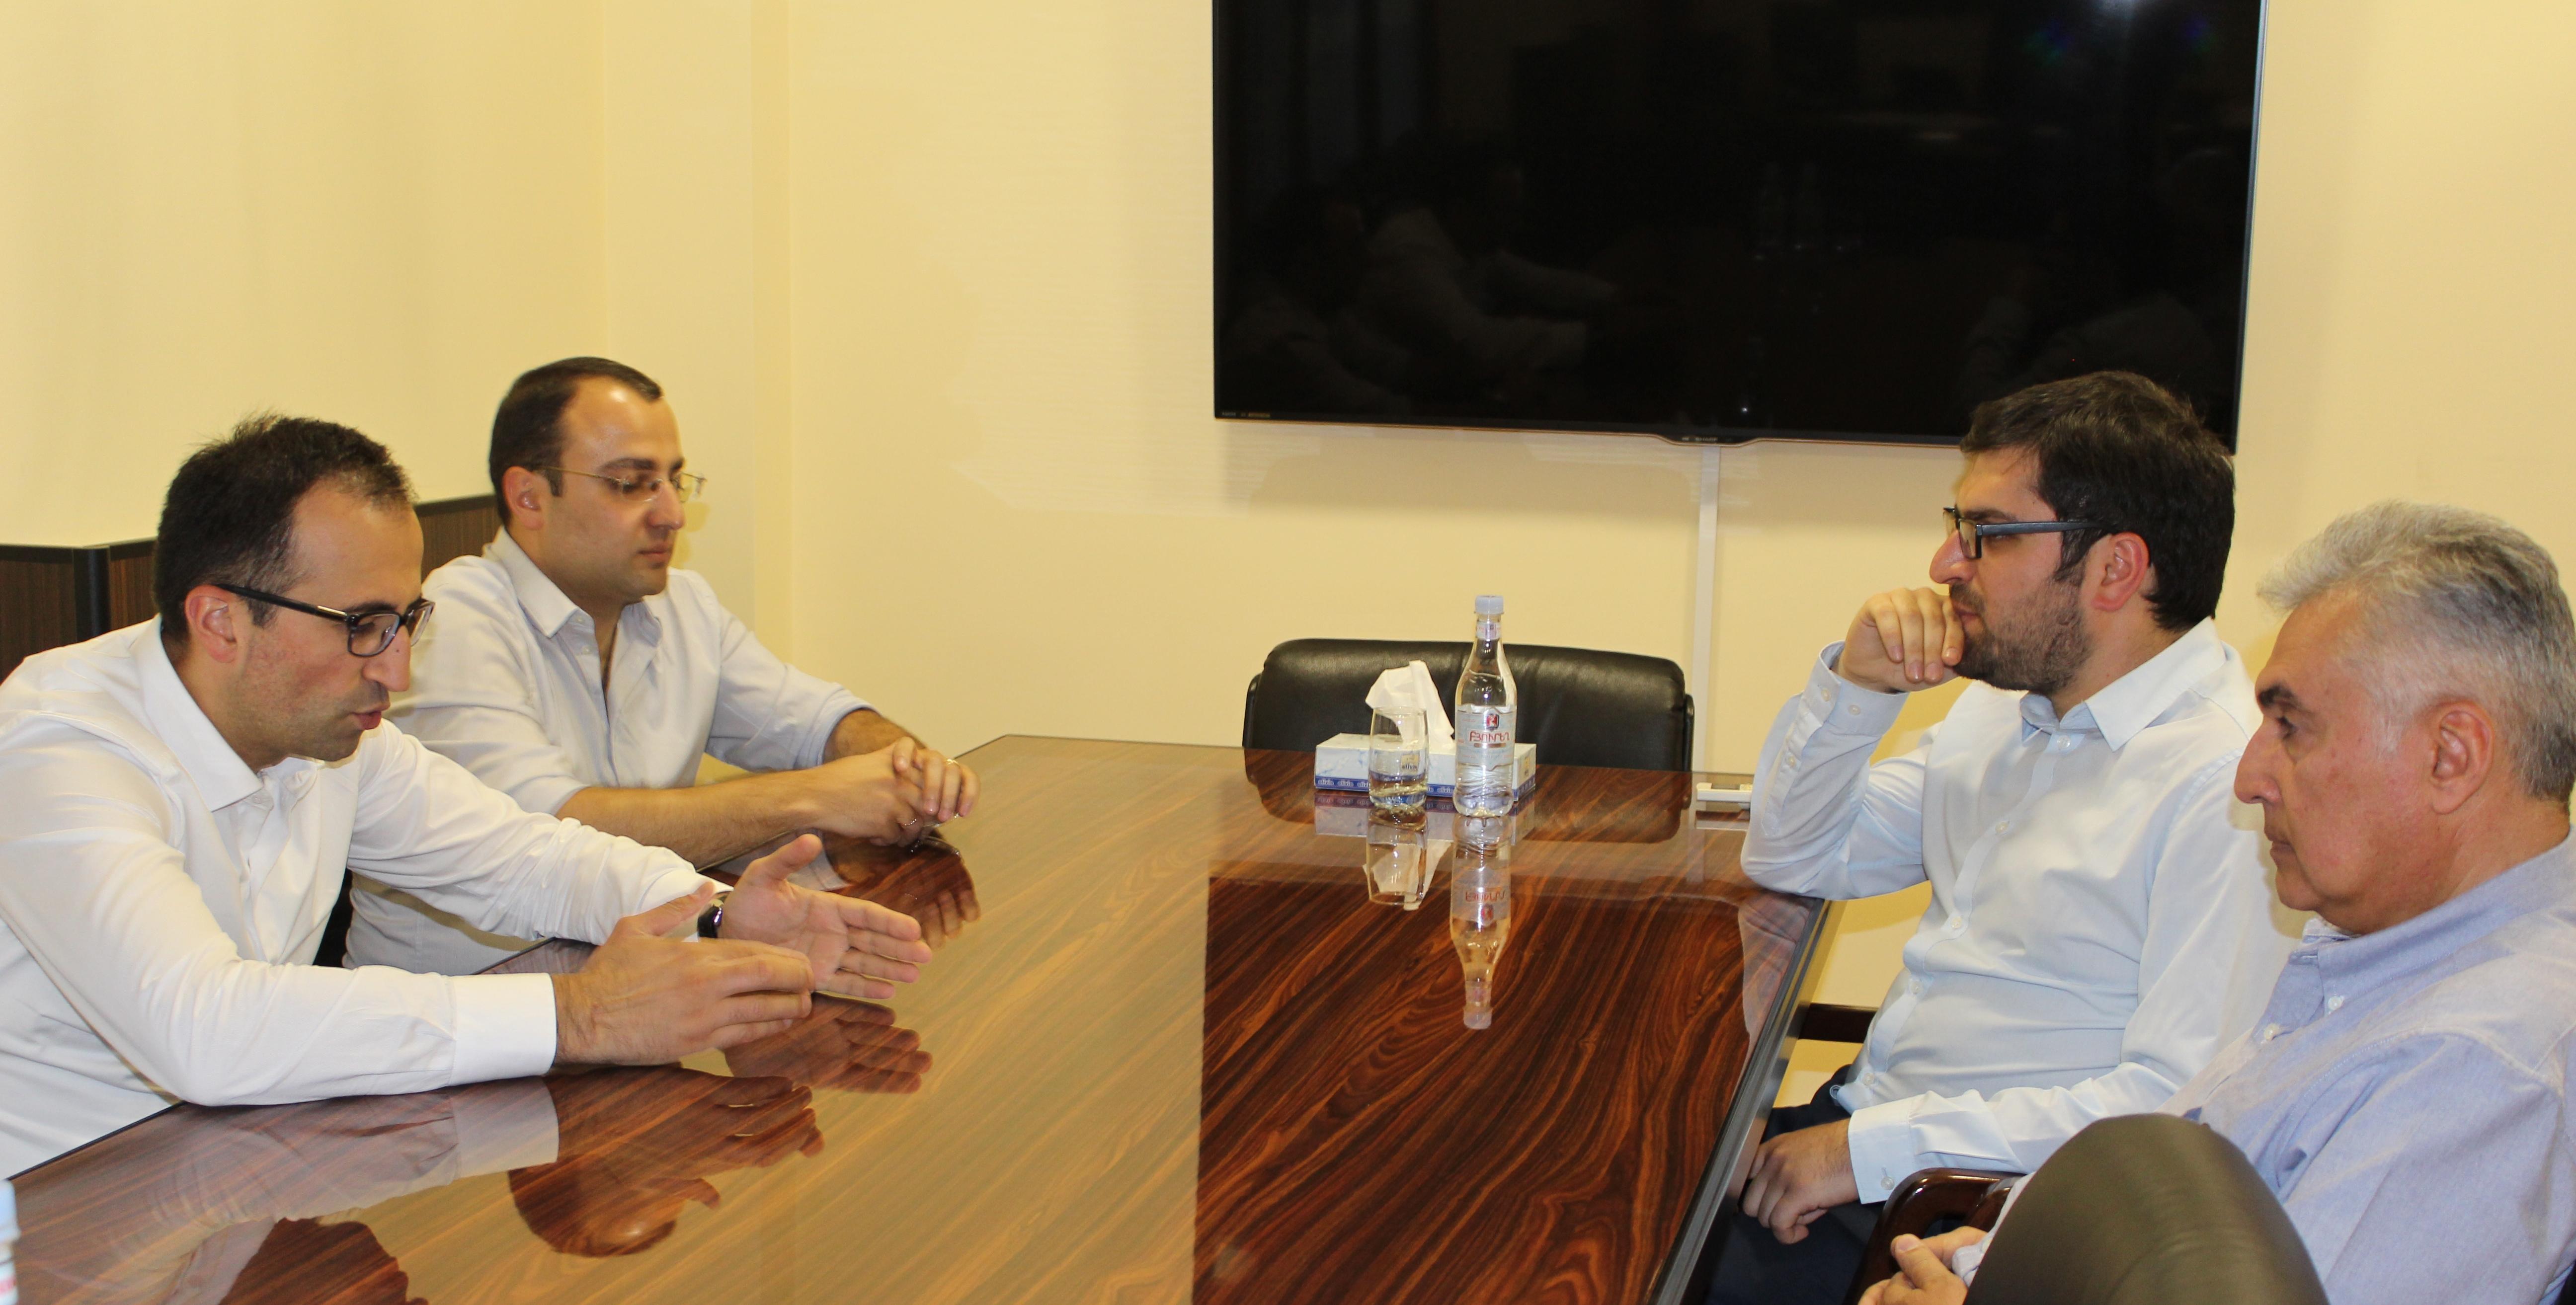 Արսեն Թորոսյանն ընդունել է ԱՆ նոր գլխավոր արյունաբան Սամվել Դանիելյանին